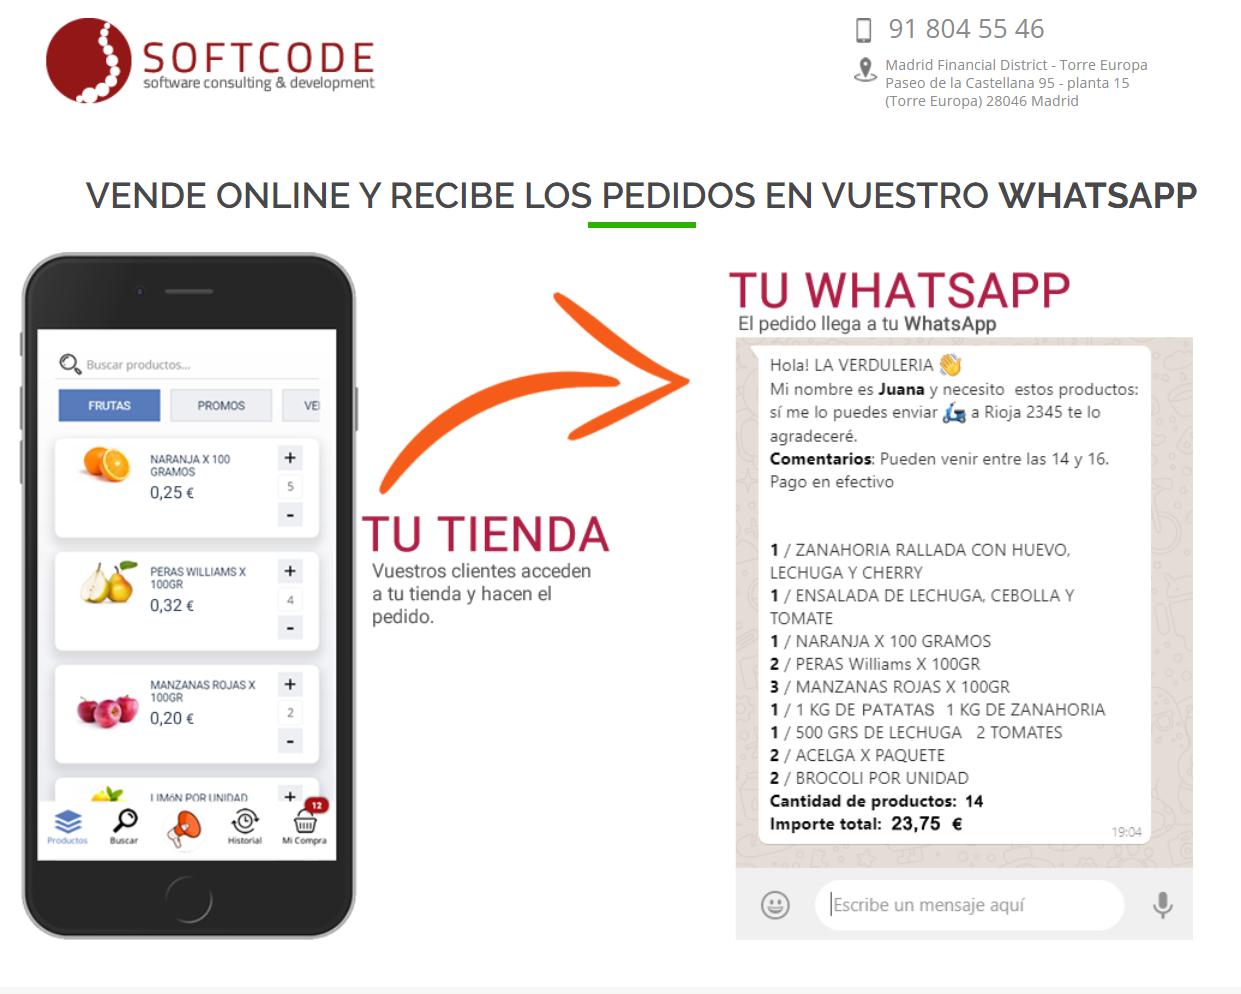 SOFTCODE SL lanzó hace una semana MercApp, iniciativa gratuita para que las tiendas puedan vender a través de Whatsapp.